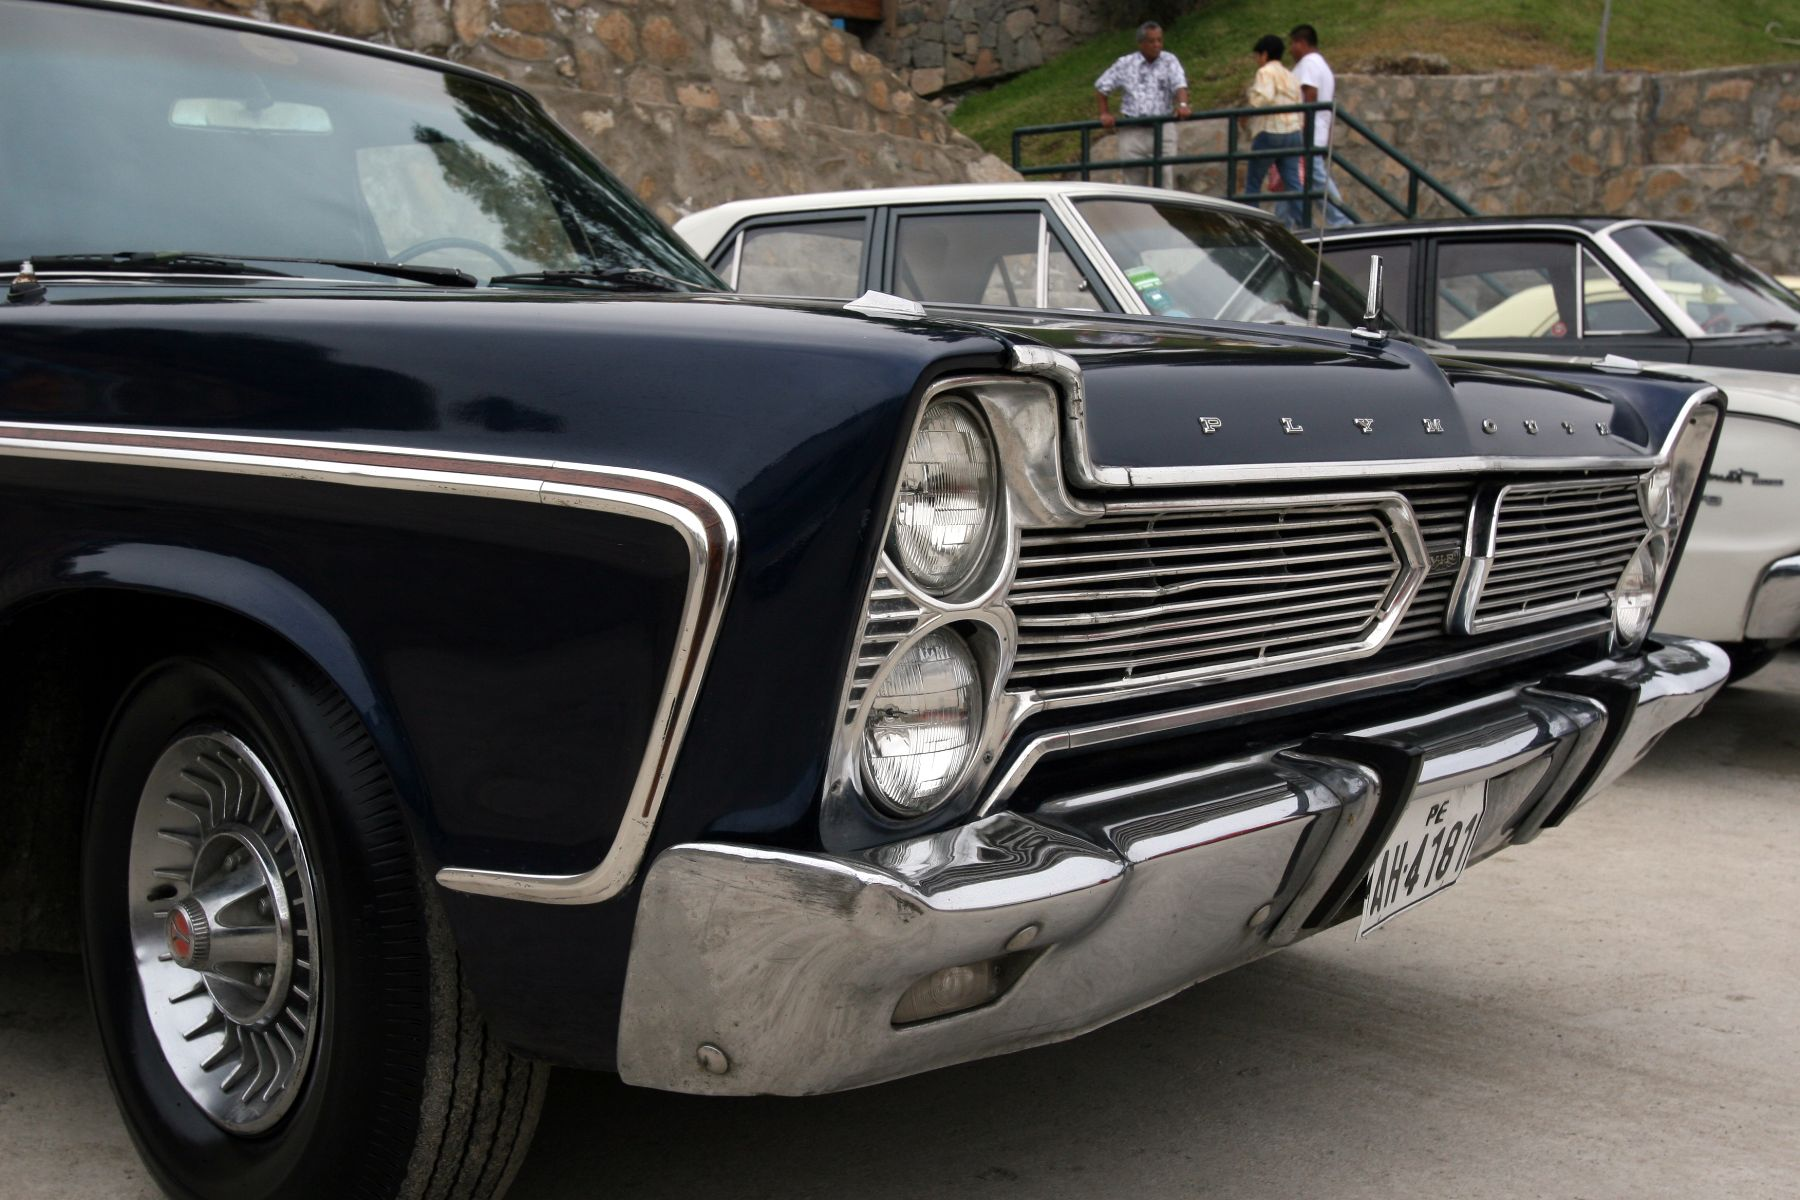 6475a36e6 Exhibición de autos antiguos y moderno en el Parque de la Amistad en Surco.  foto